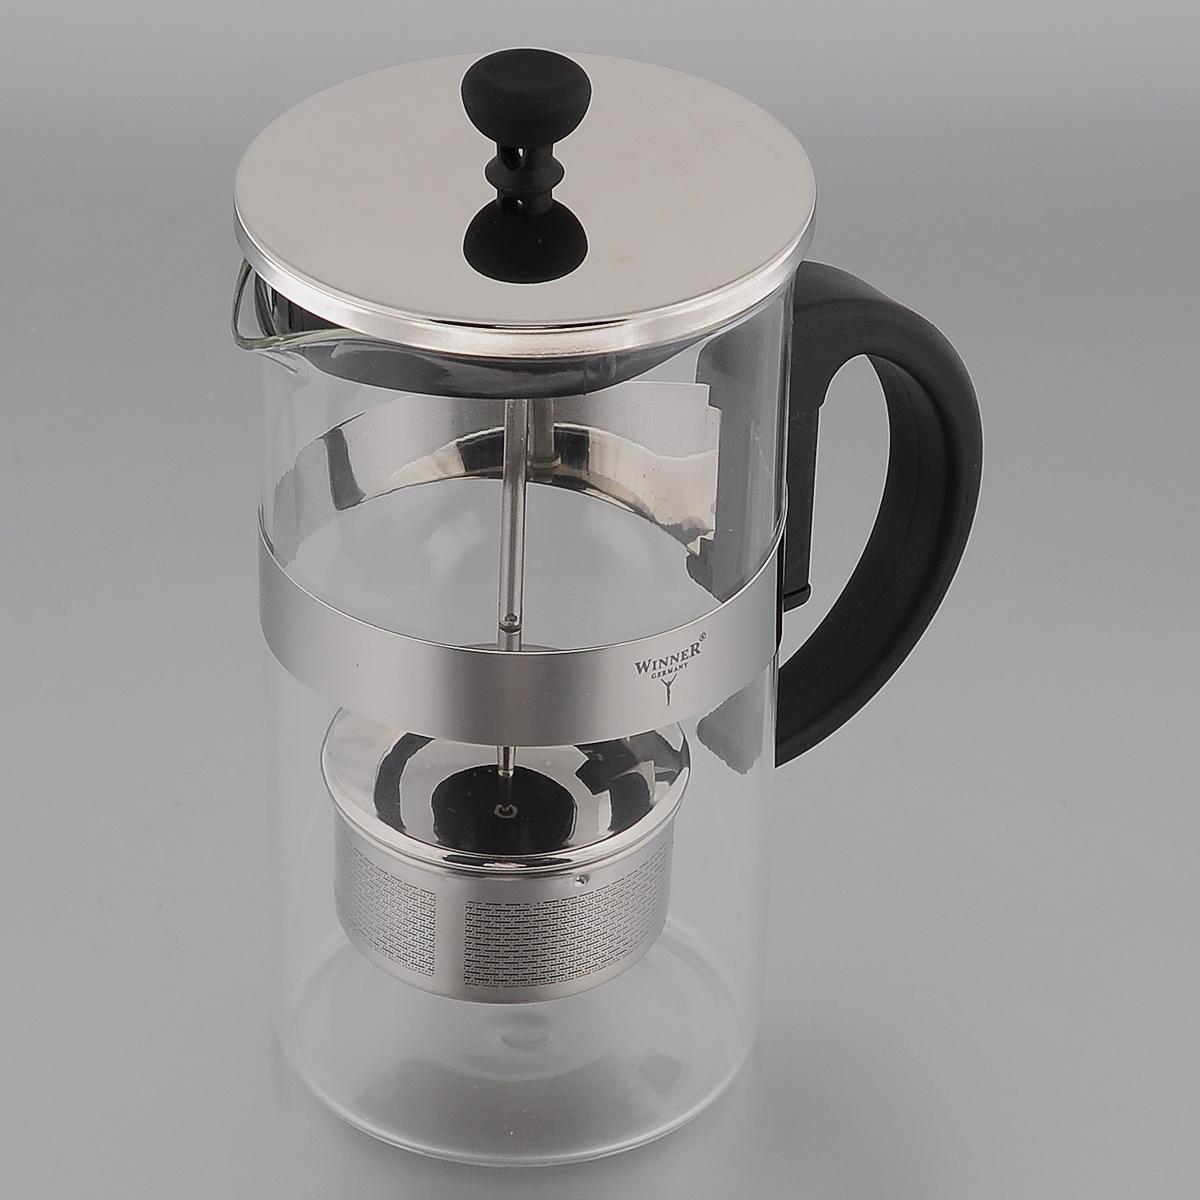 Френч-пресс Winner, 1 л. WR-522254 009312Френч-пресс Winner, изготовленный из термостойкого стекла с пластиковой ручкой, предоставит вам все необходимые возможности для успешного заваривания чая. Чай в таком чайнике дольше остается горячим, а полезные и ароматические вещества полностью сохраняются в напитке. Изделие оснащено фильтром, крышкой и удобным поршнем из нержавеющей стали, который поможет дозировать степень заварки напитка. Простой и удобный френч-пресс Winner поможет вам приготовить крепкий, ароматный чай.Нельзя мыть в посудомоечной машине. Не использовать в микроволновой печи.Диаметр чайника (по верхнему краю): 9,5 см.Высота чайника (без учета крышки): 18 см.Высота фильтра: 3,5 см.